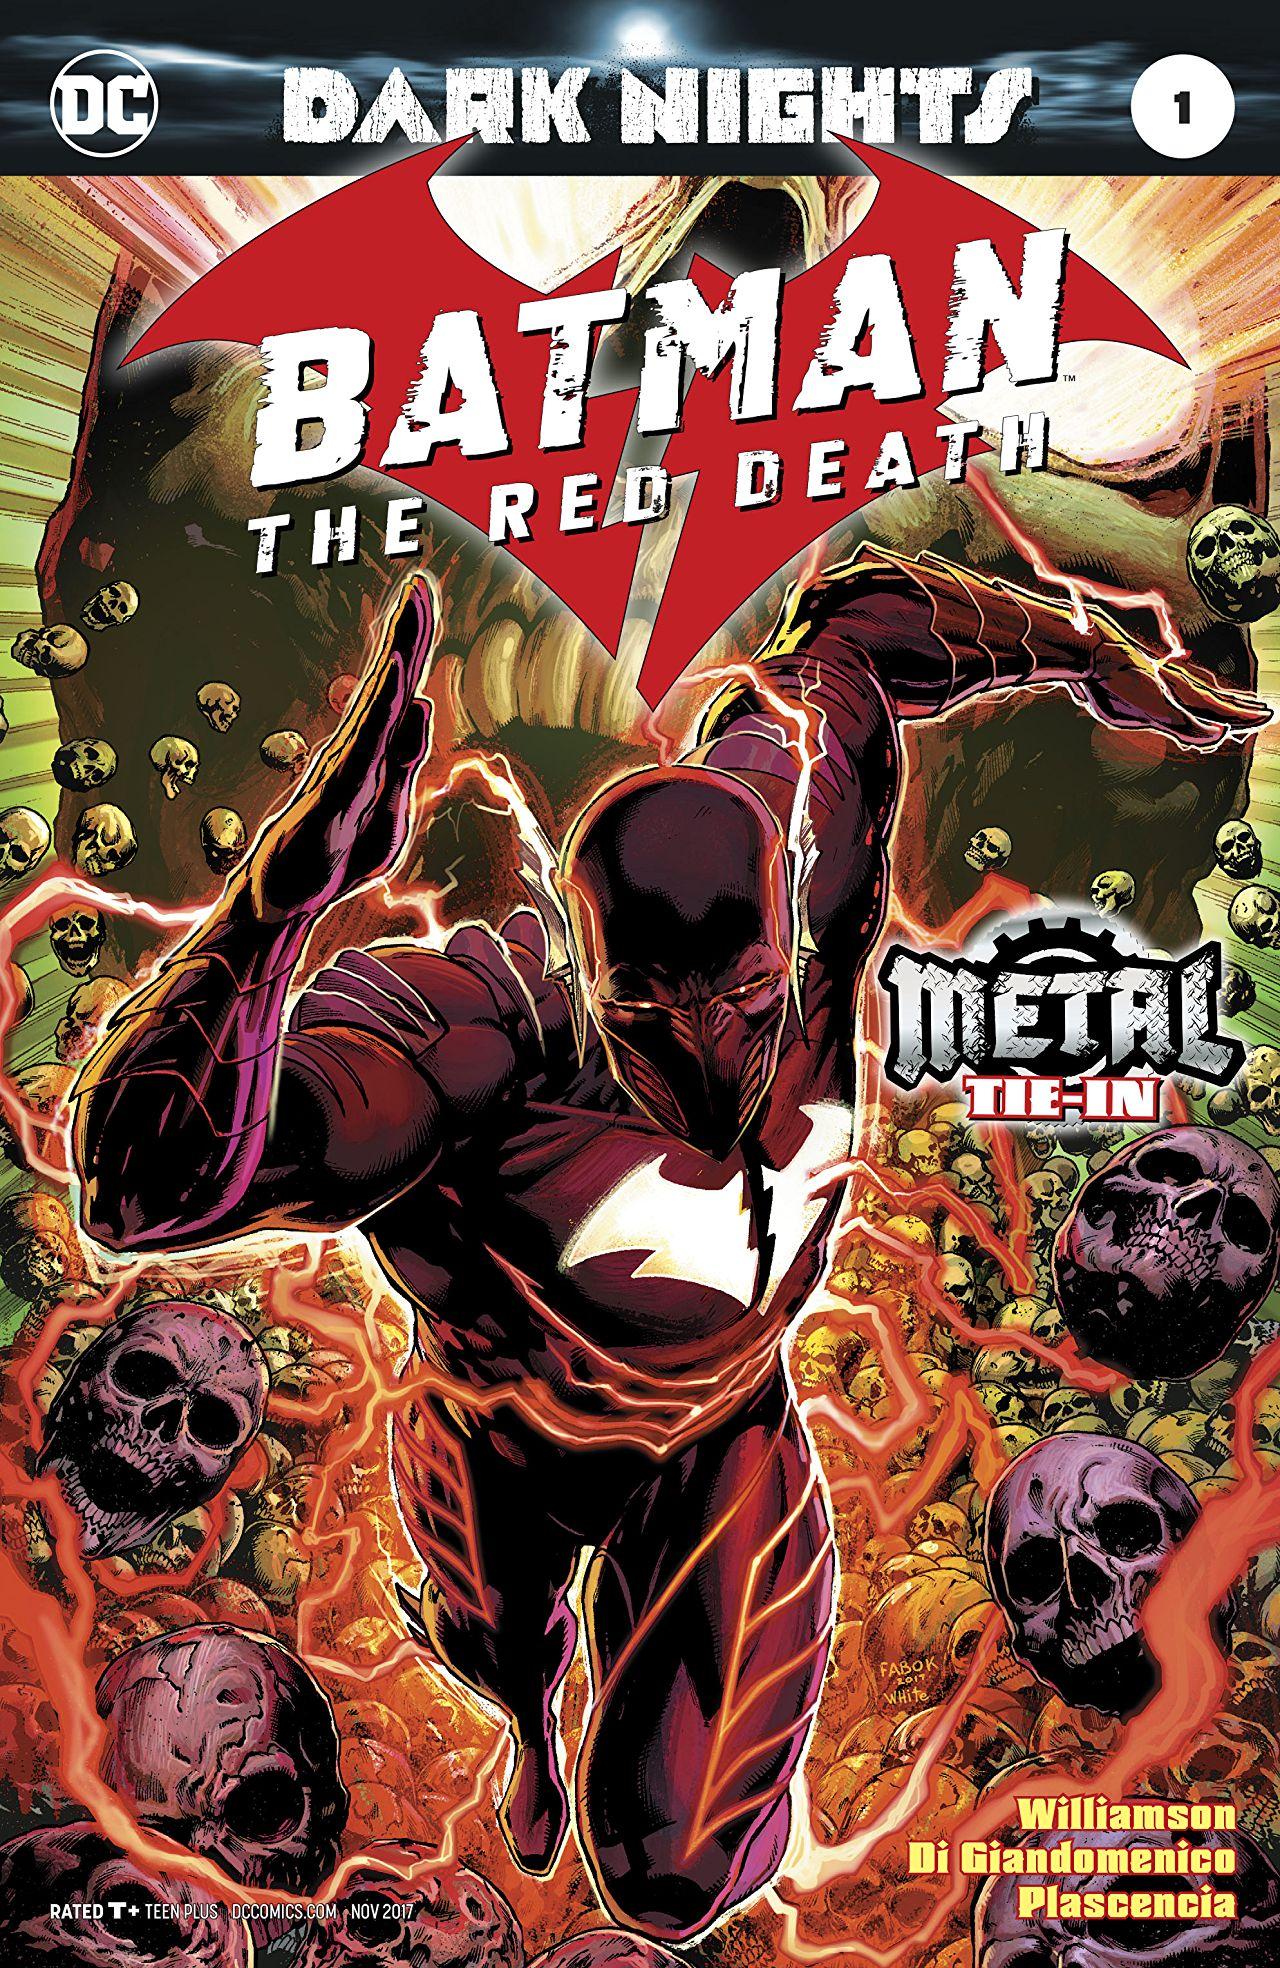 Batman_The_Red_Death_Vol_1_1.jpg